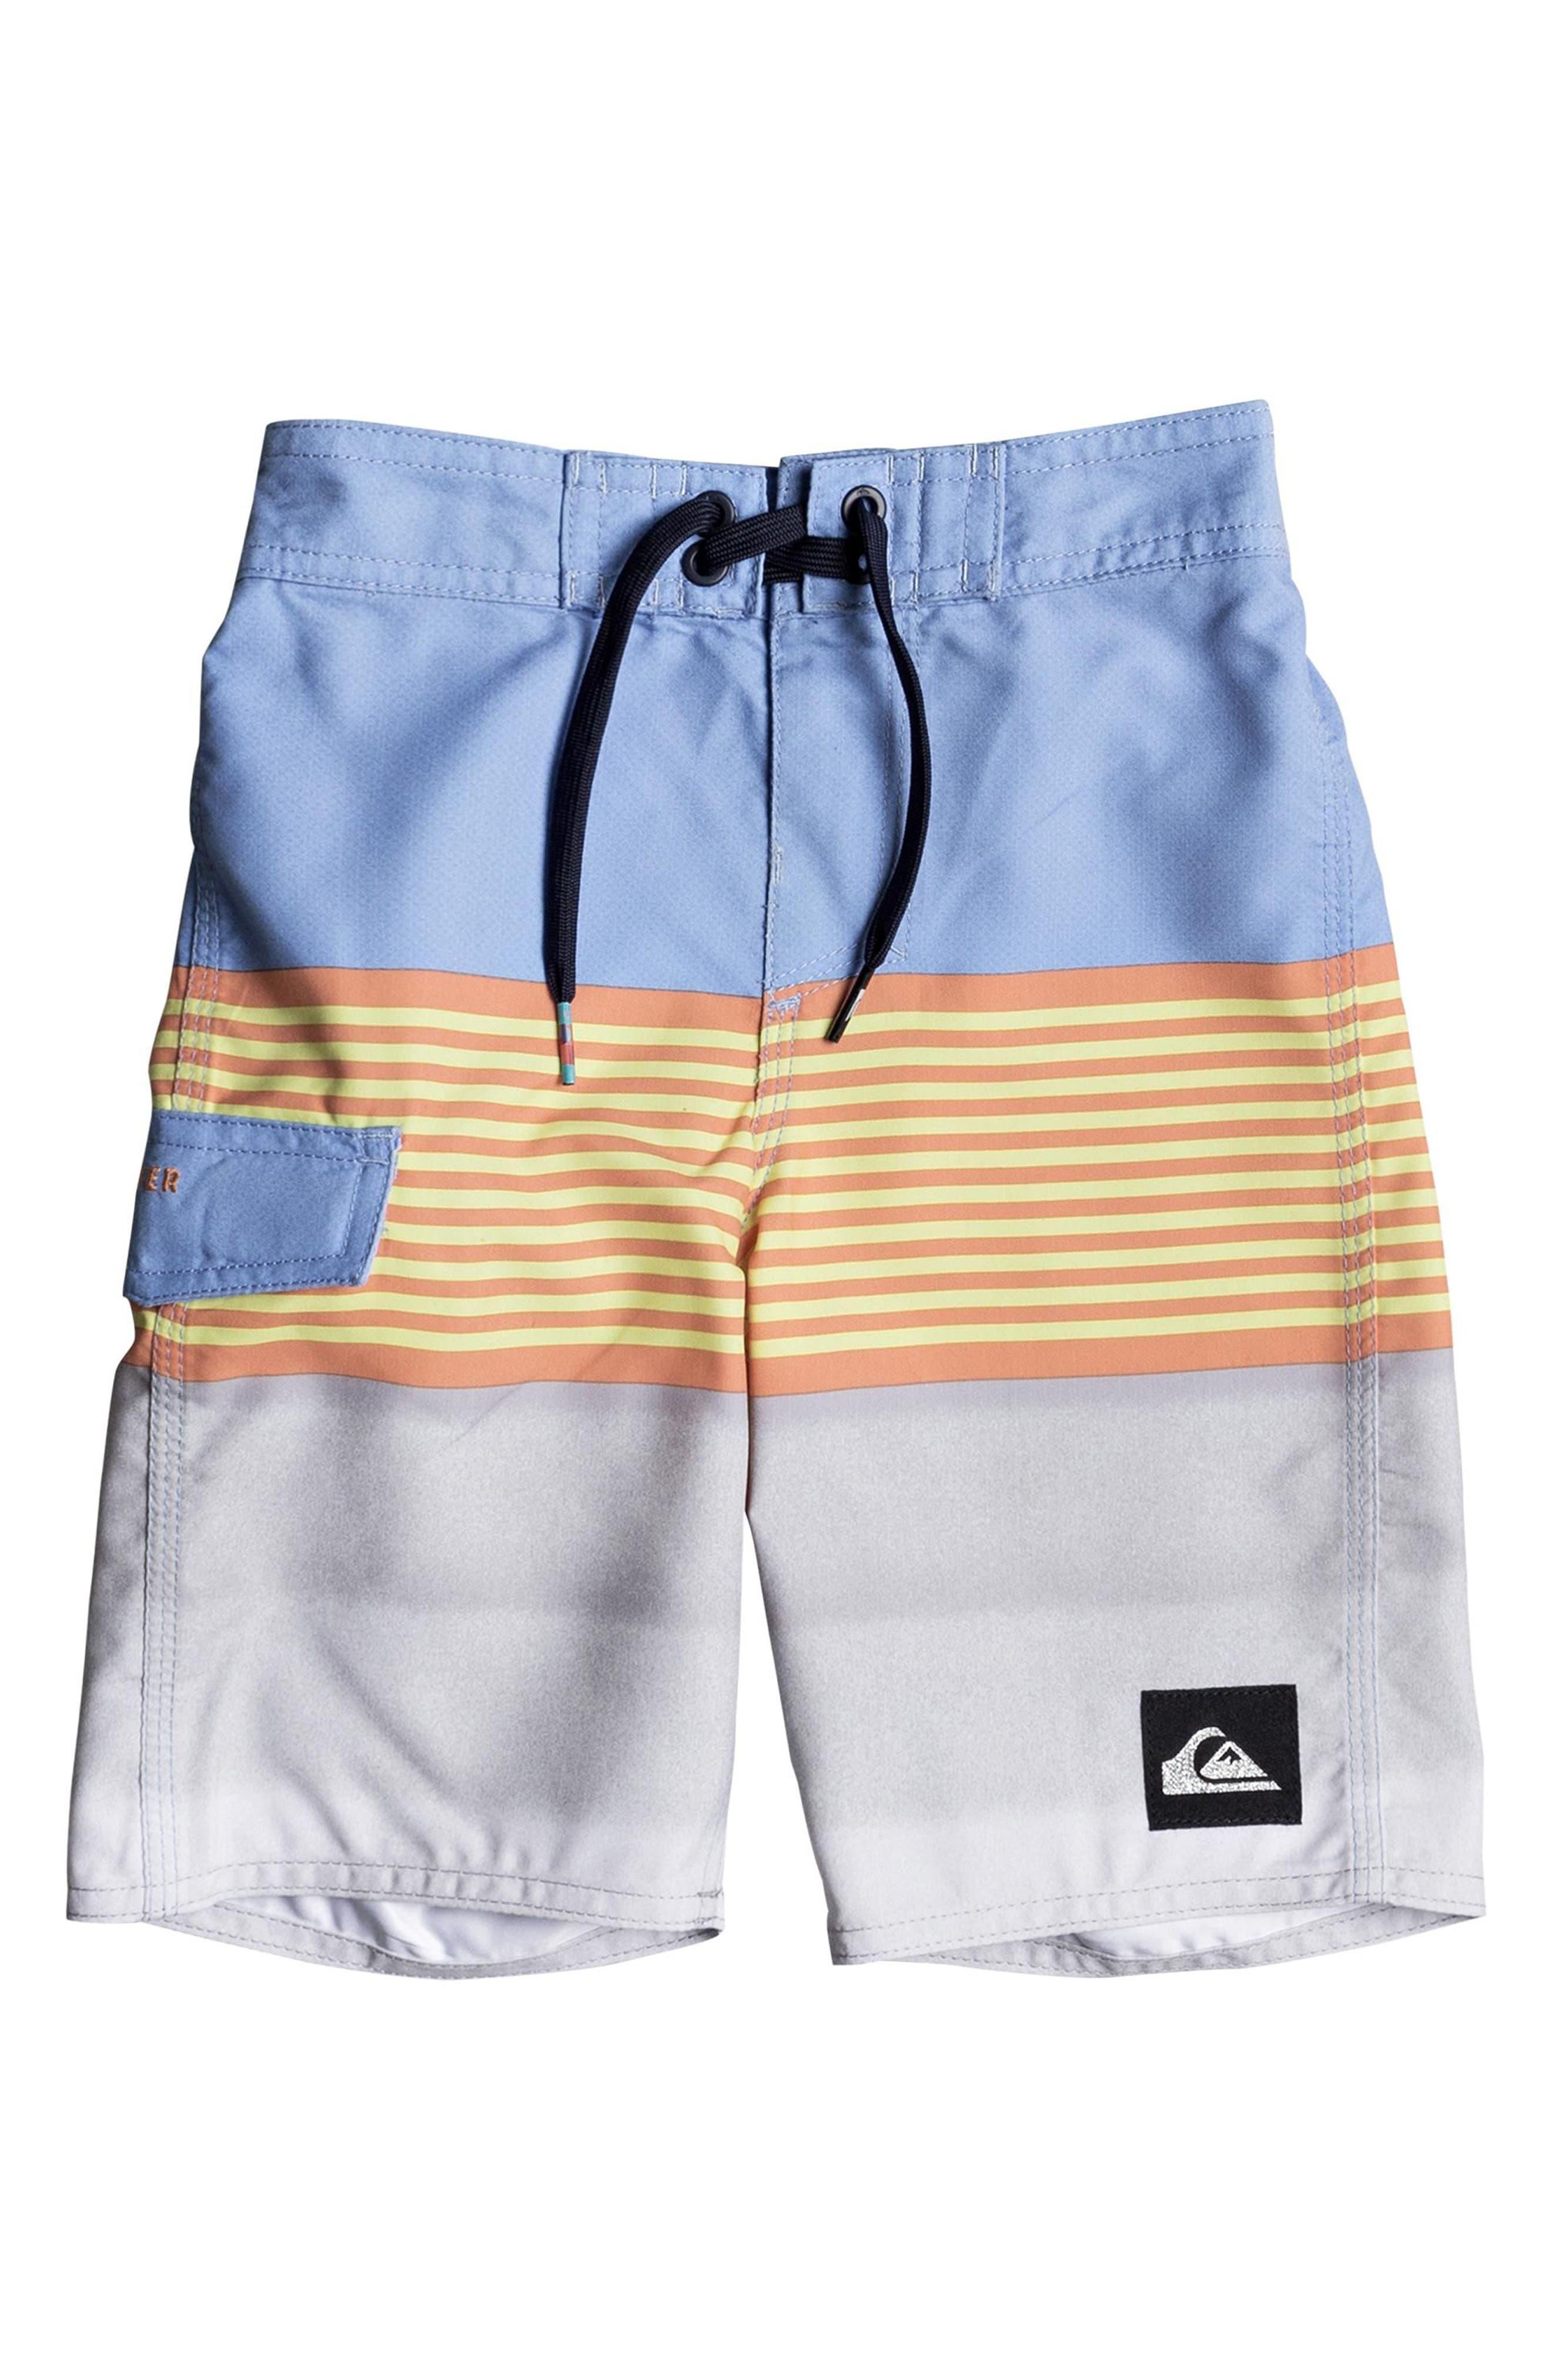 Division Board Shorts,                         Main,                         color, 425